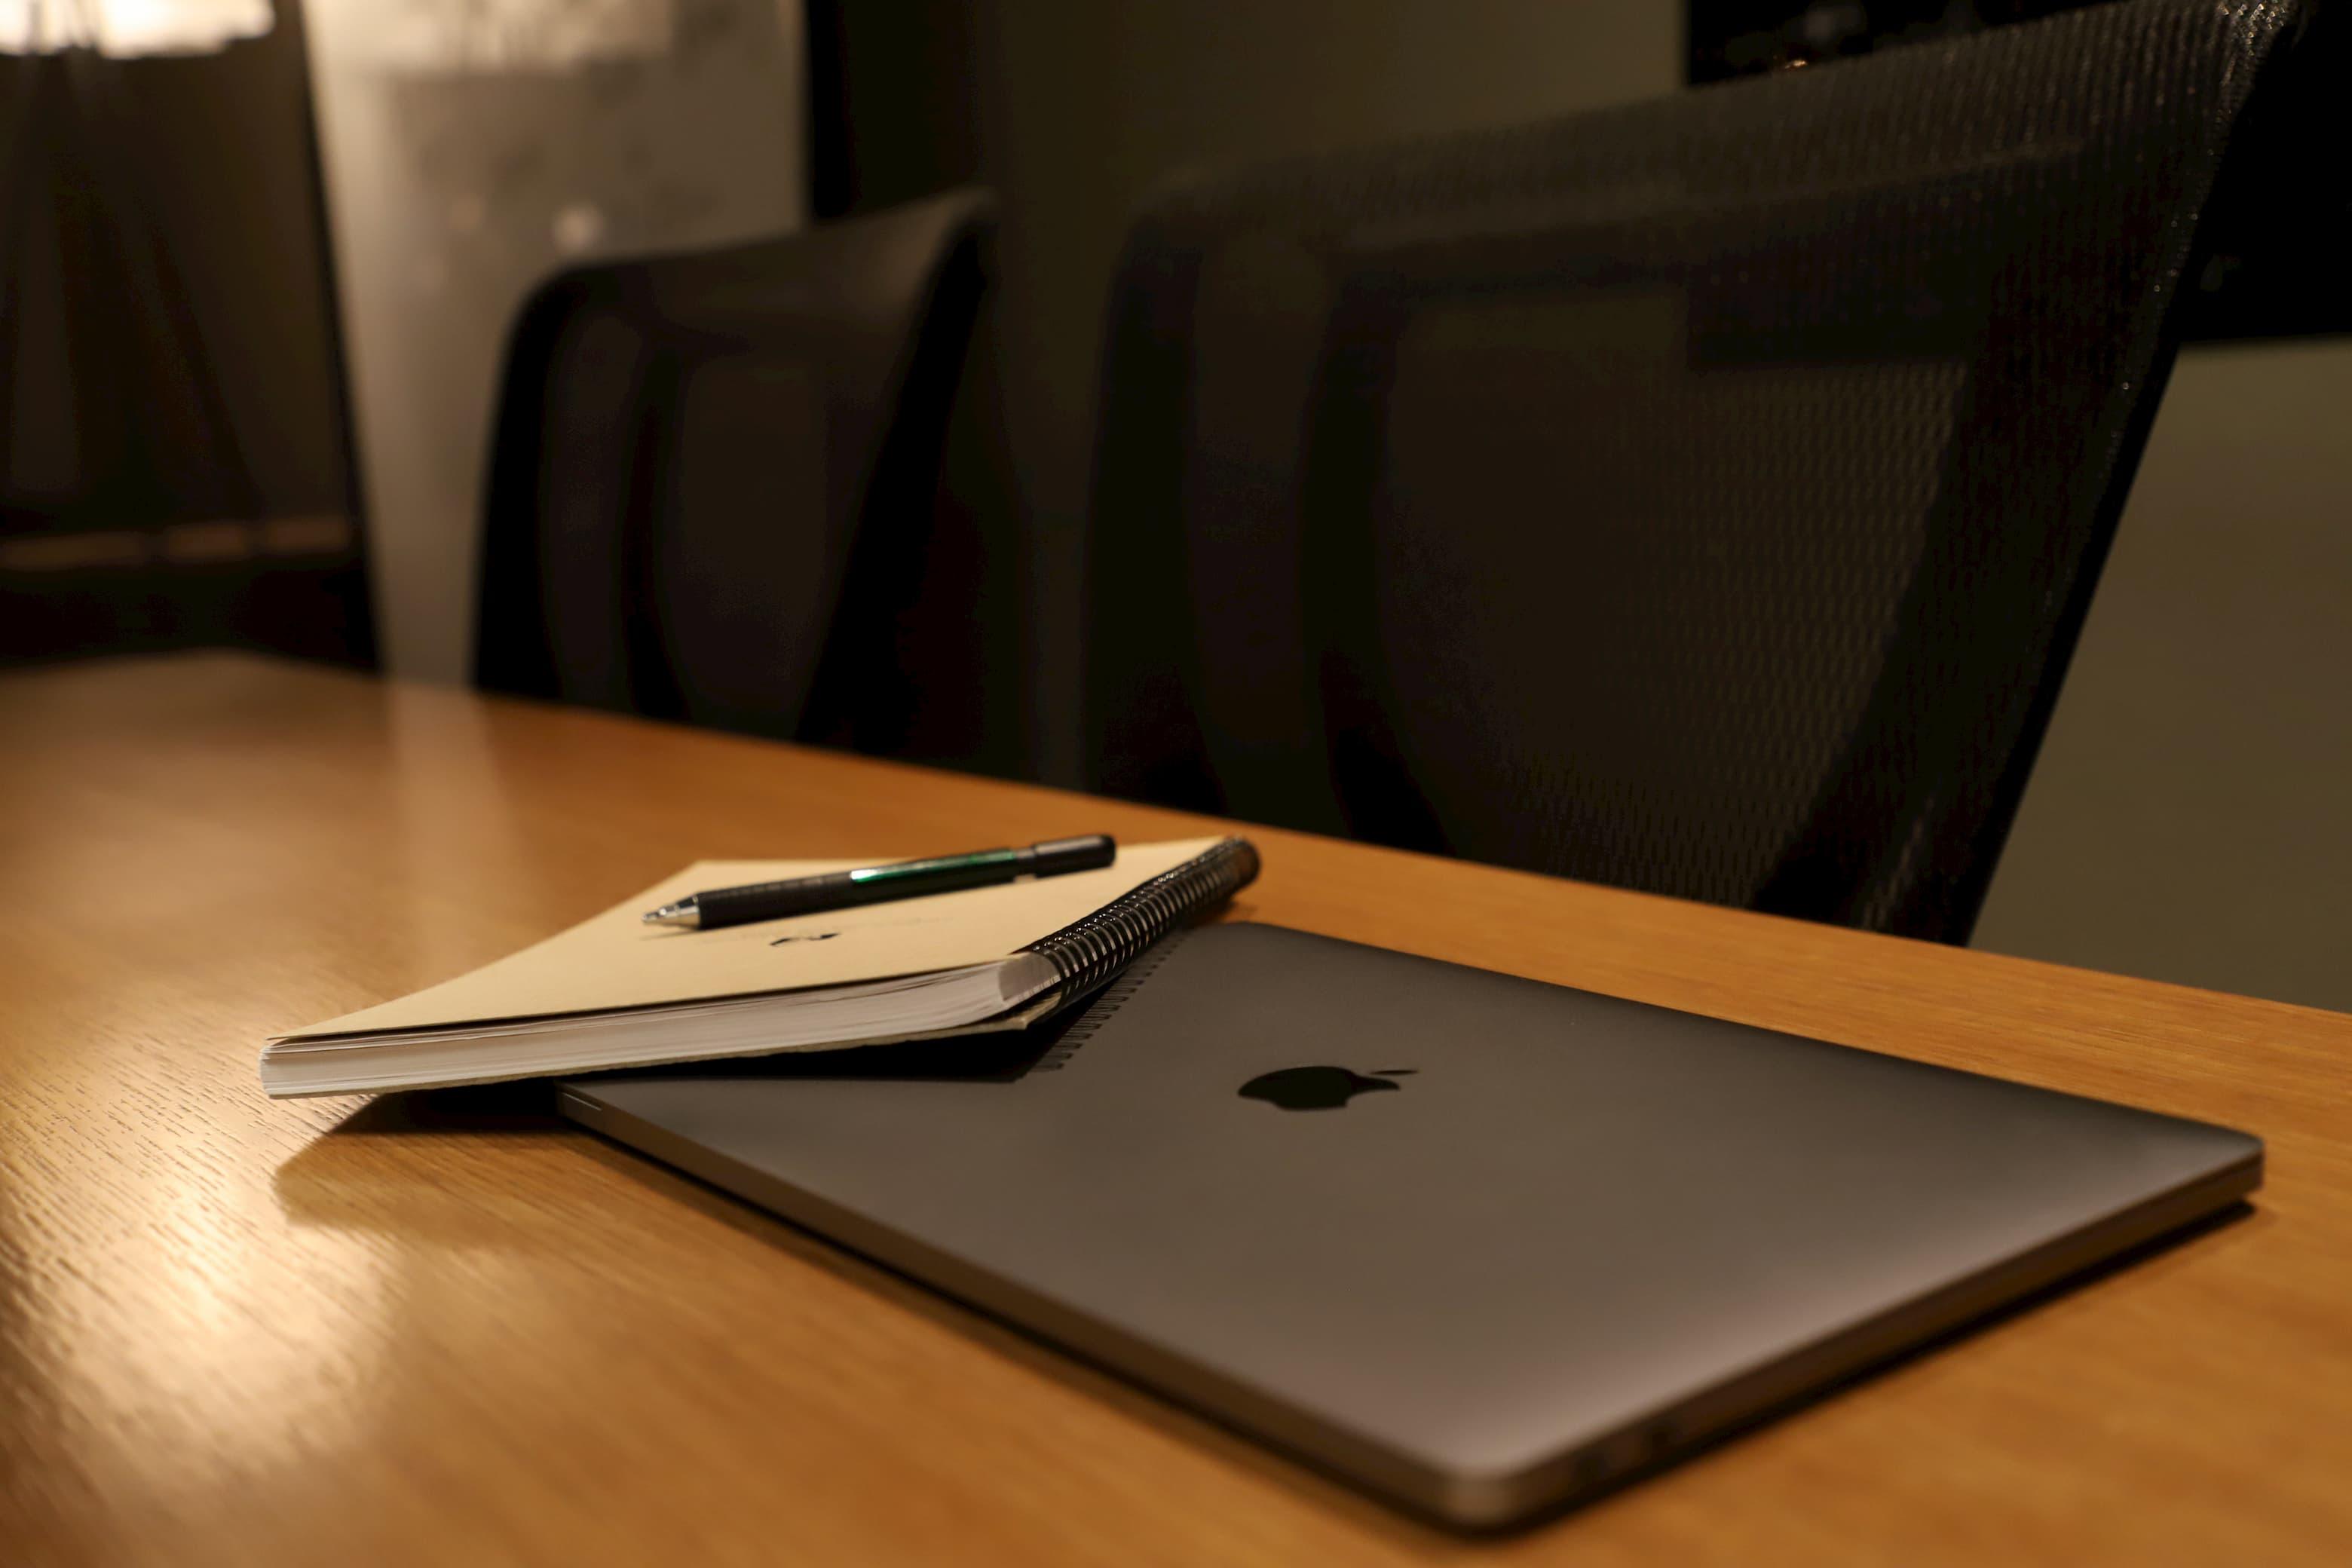 Macbookとメモ、ペン